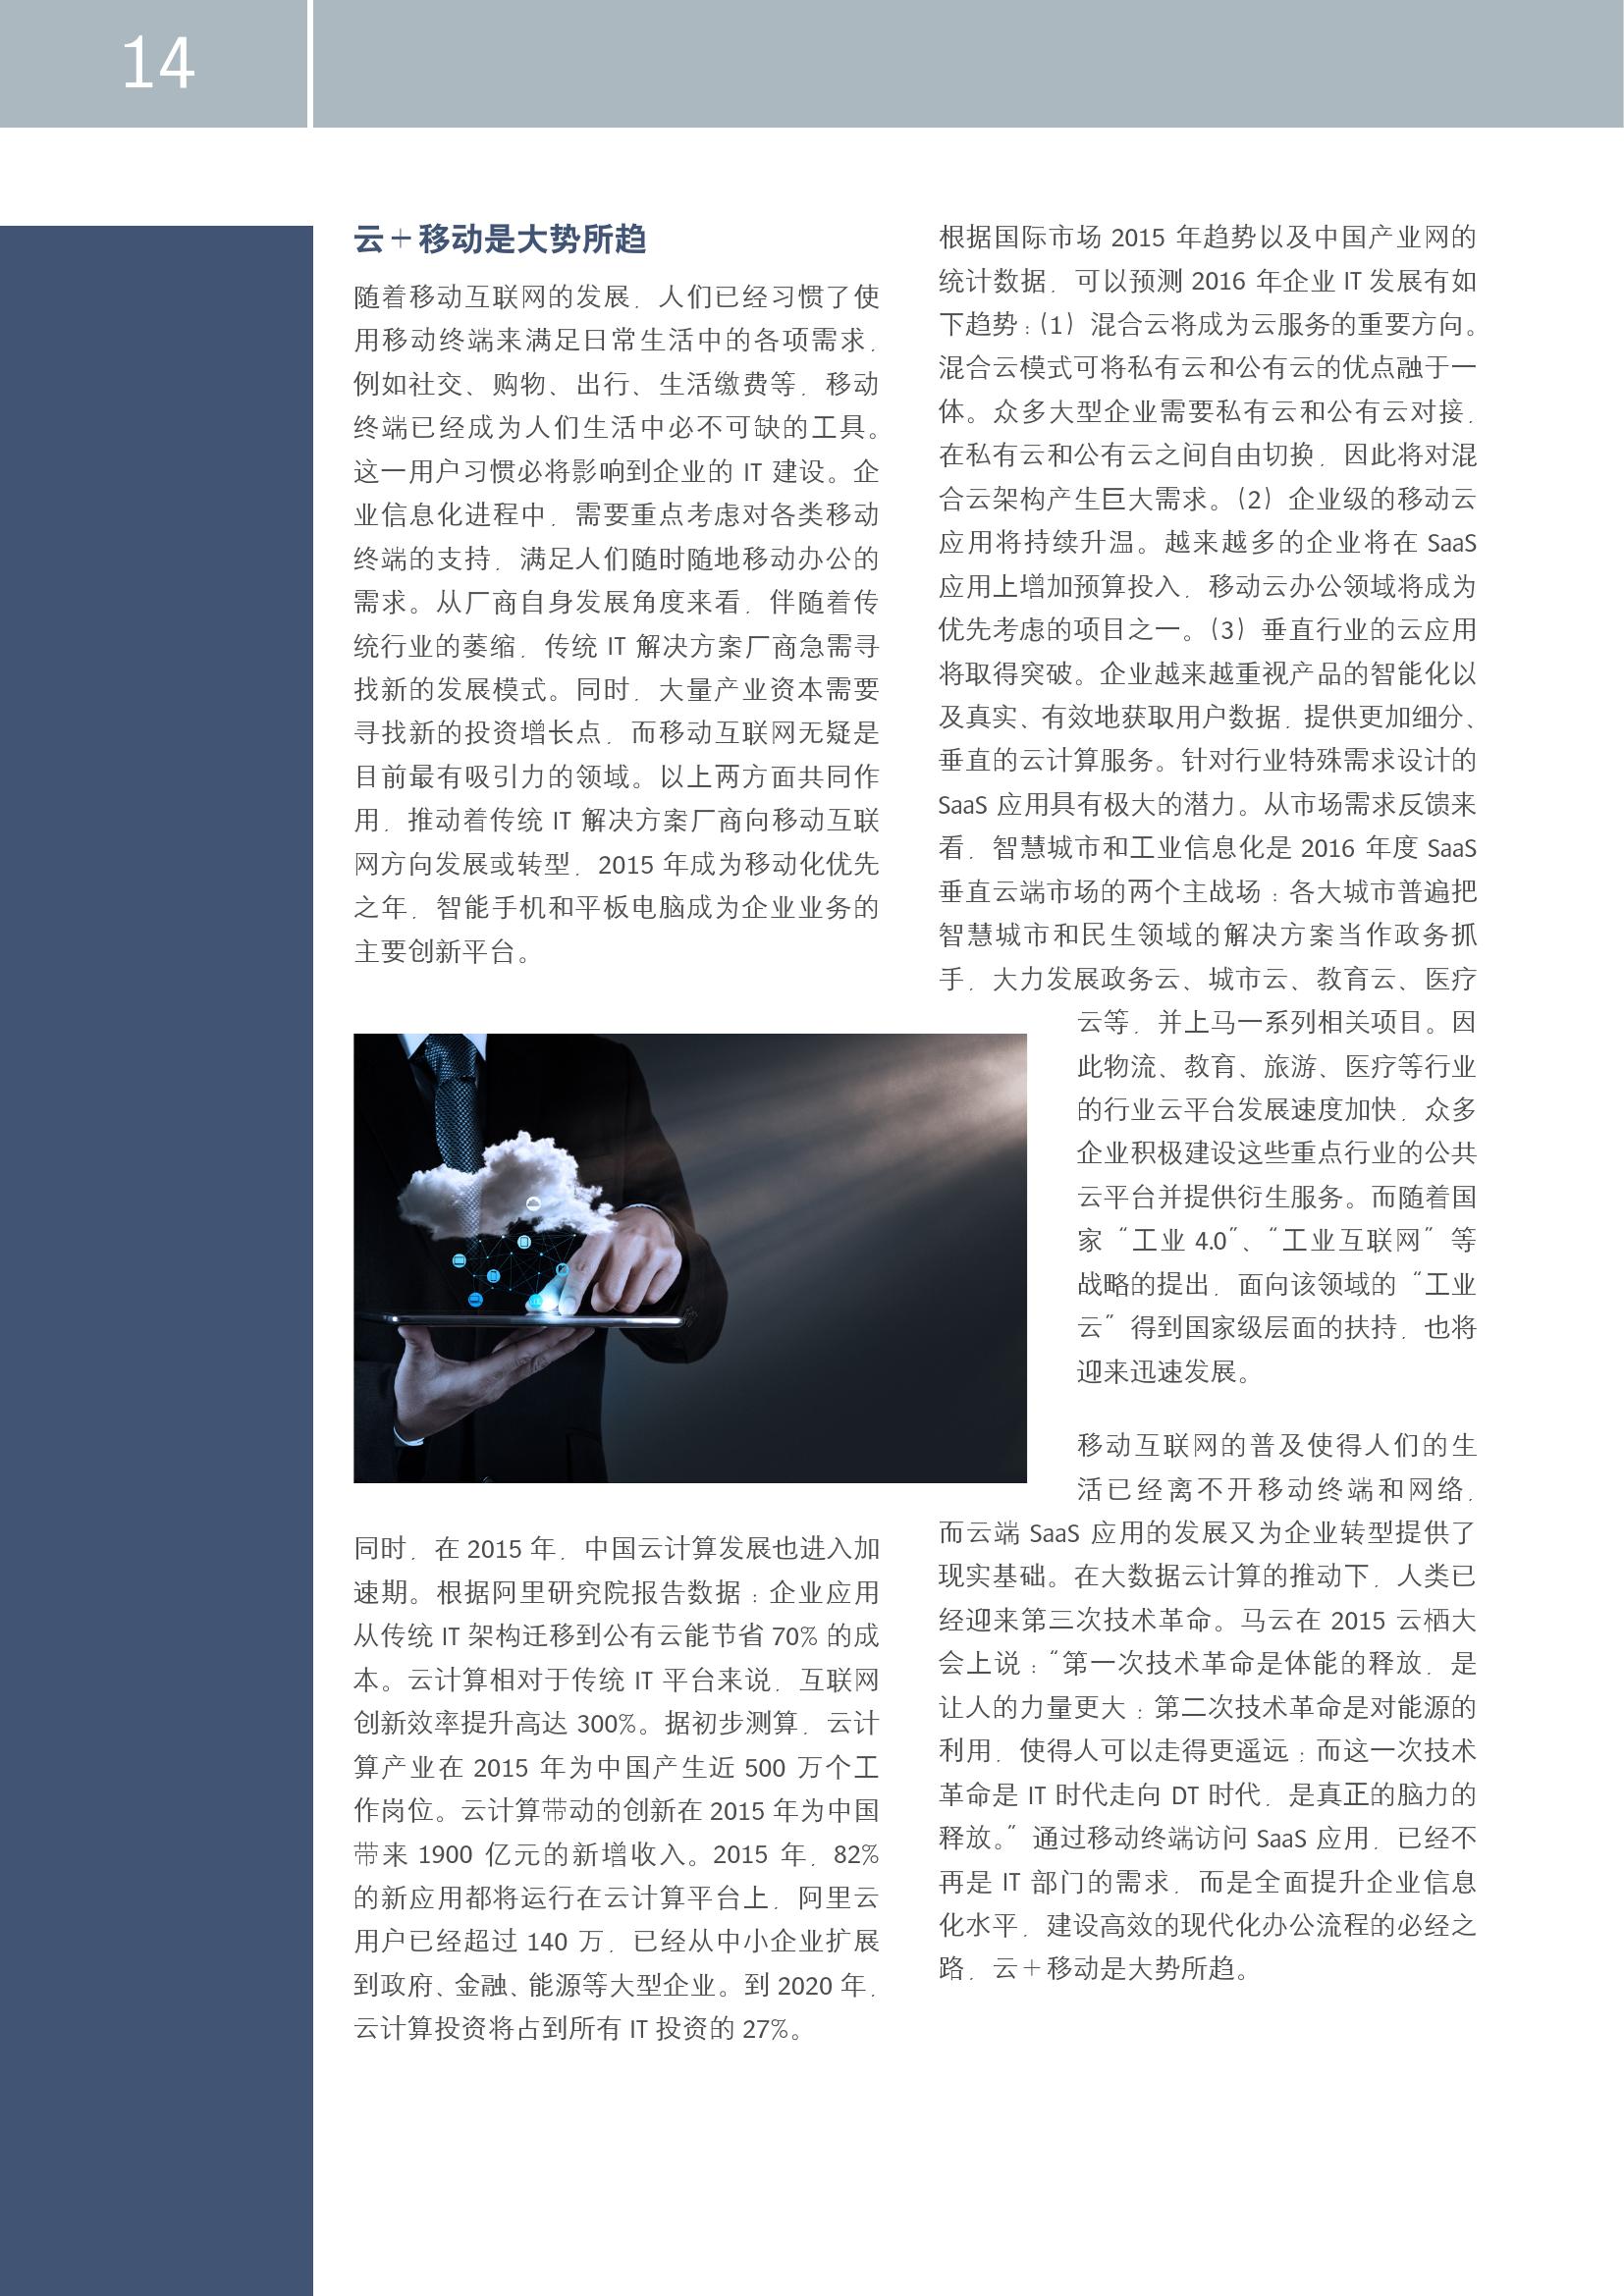 中国企业市场前瞻_000014